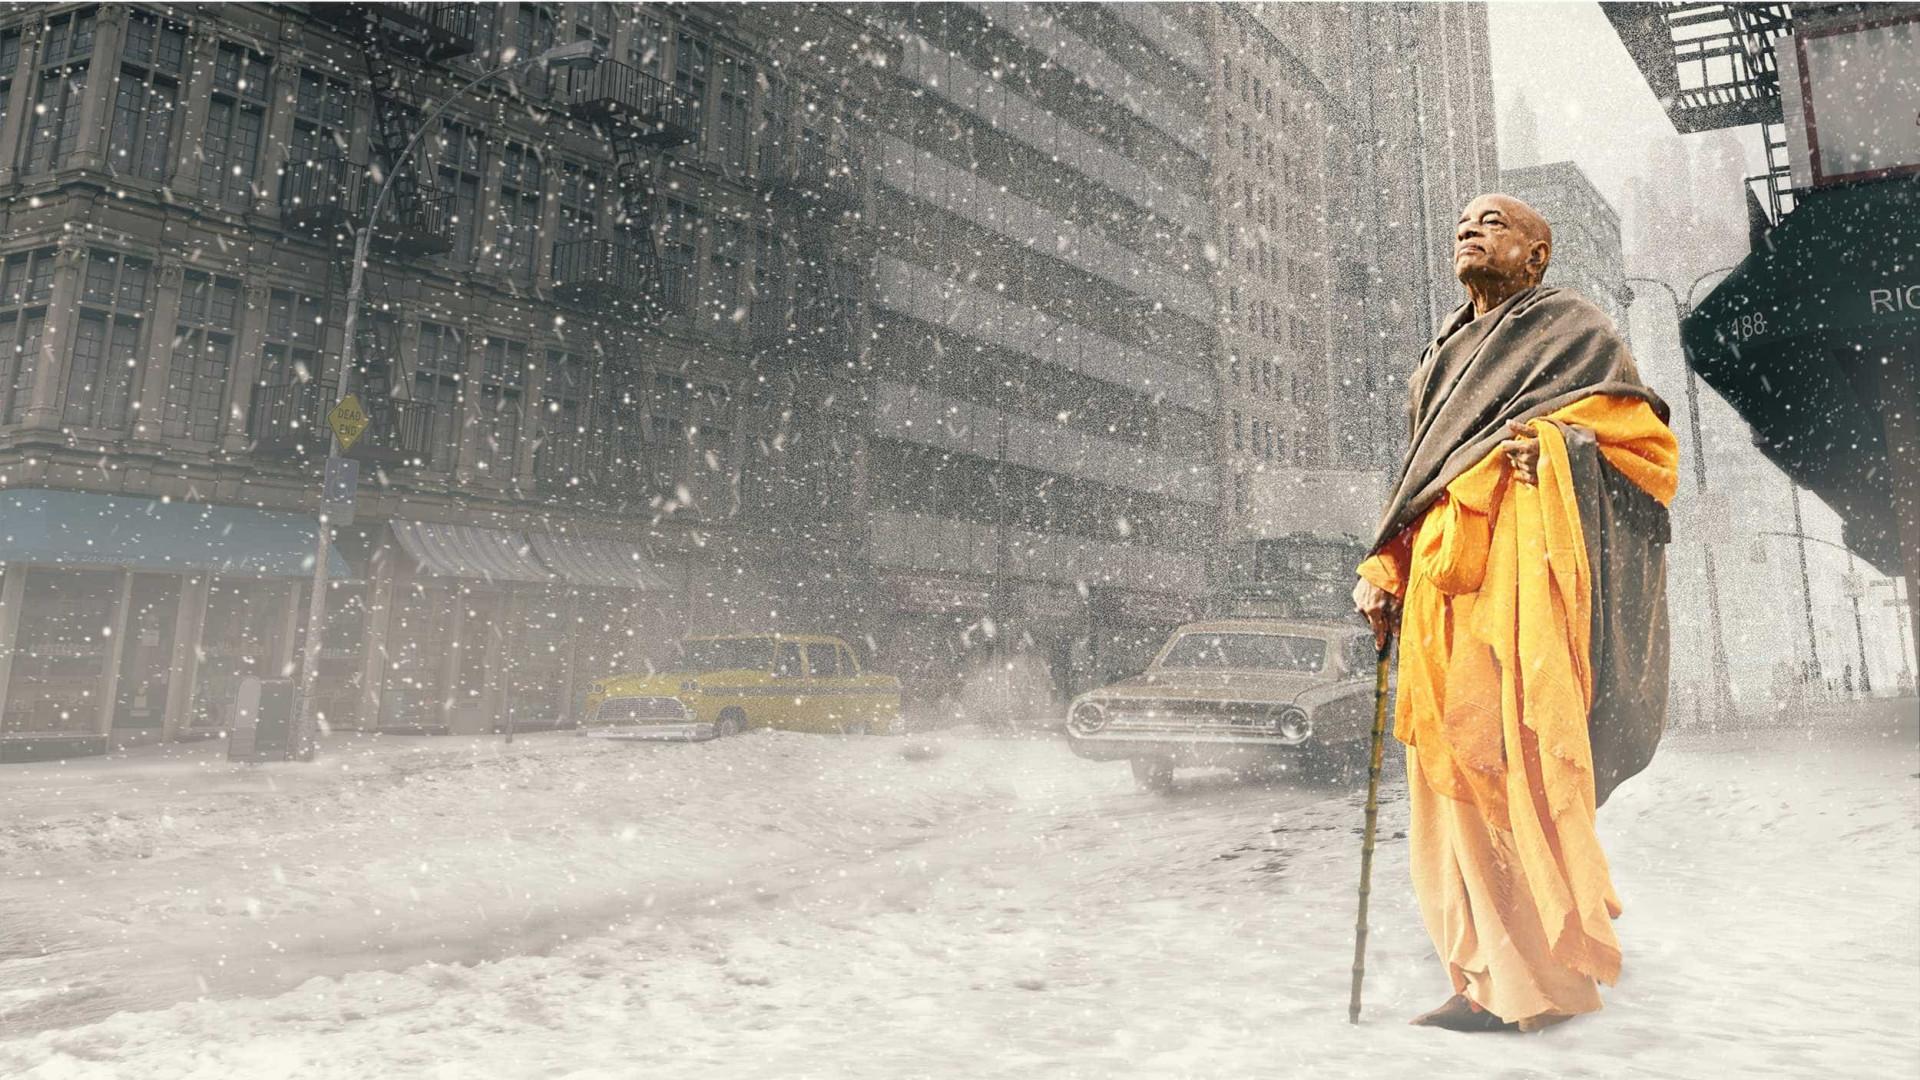 Hare Krishna: cinebiografia de fundador do movimento estreia no Brasil